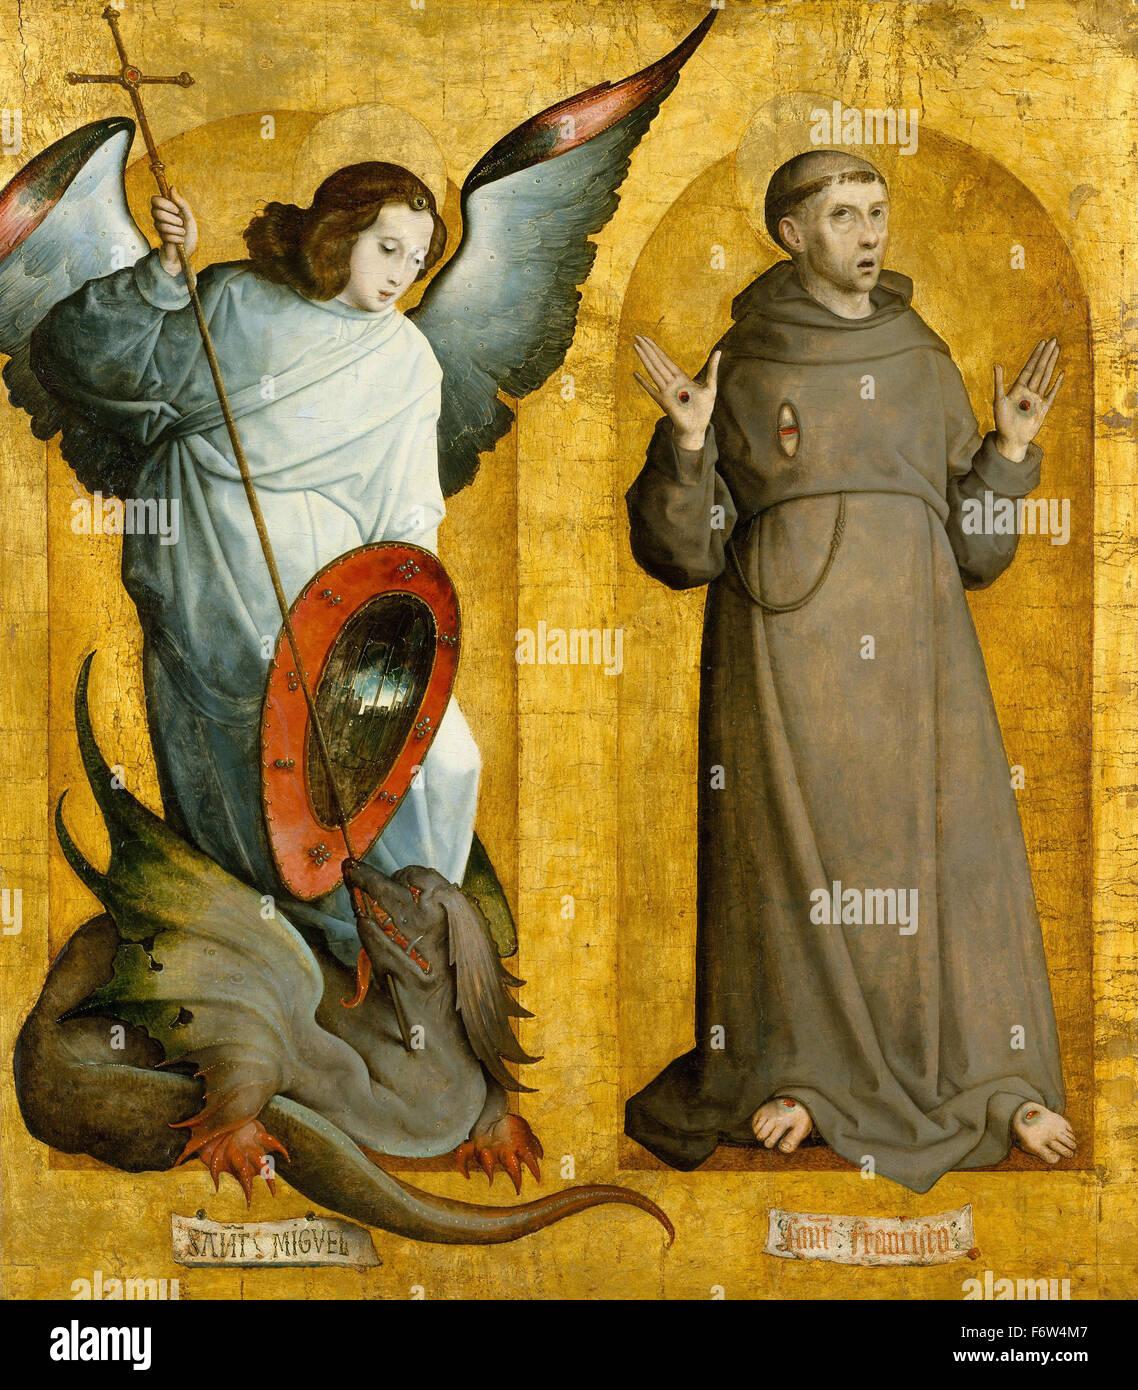 Juan de Flandes - Saints Michael and Francis - Stock Image